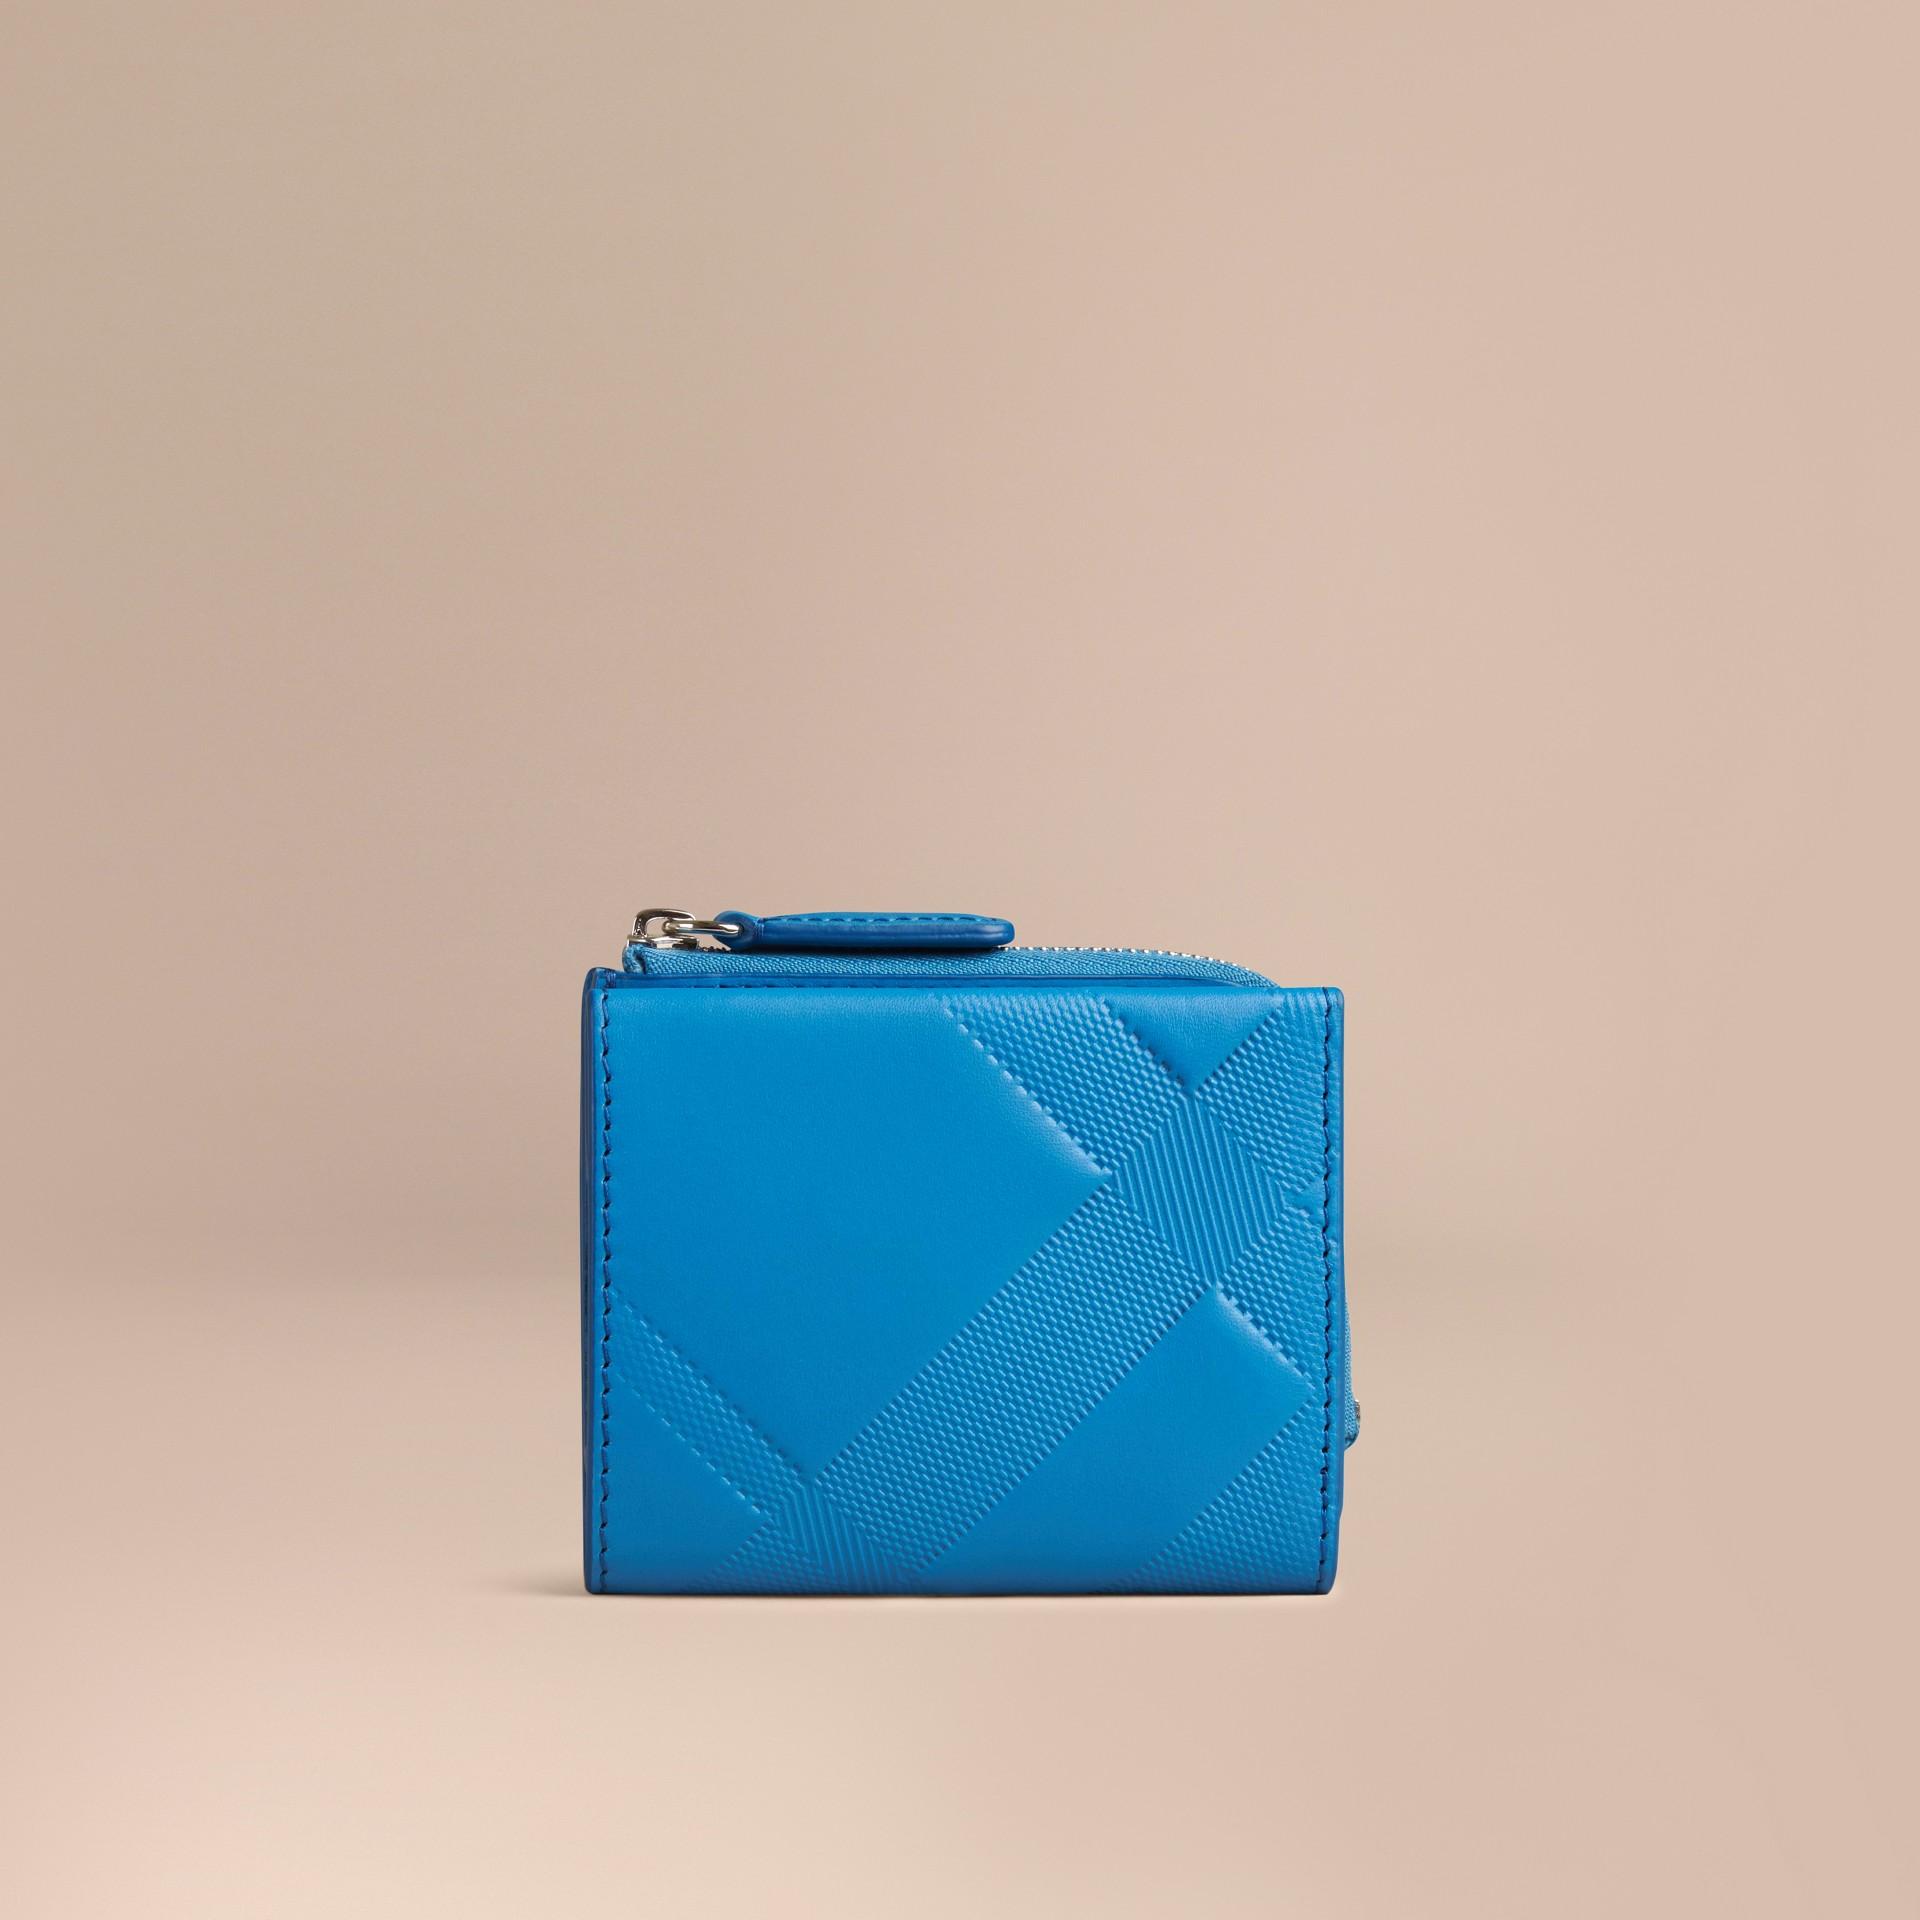 Лазурно-голубой Складной бумажник из кожи с тиснением в клетку Лазурно-голубой - изображение 3